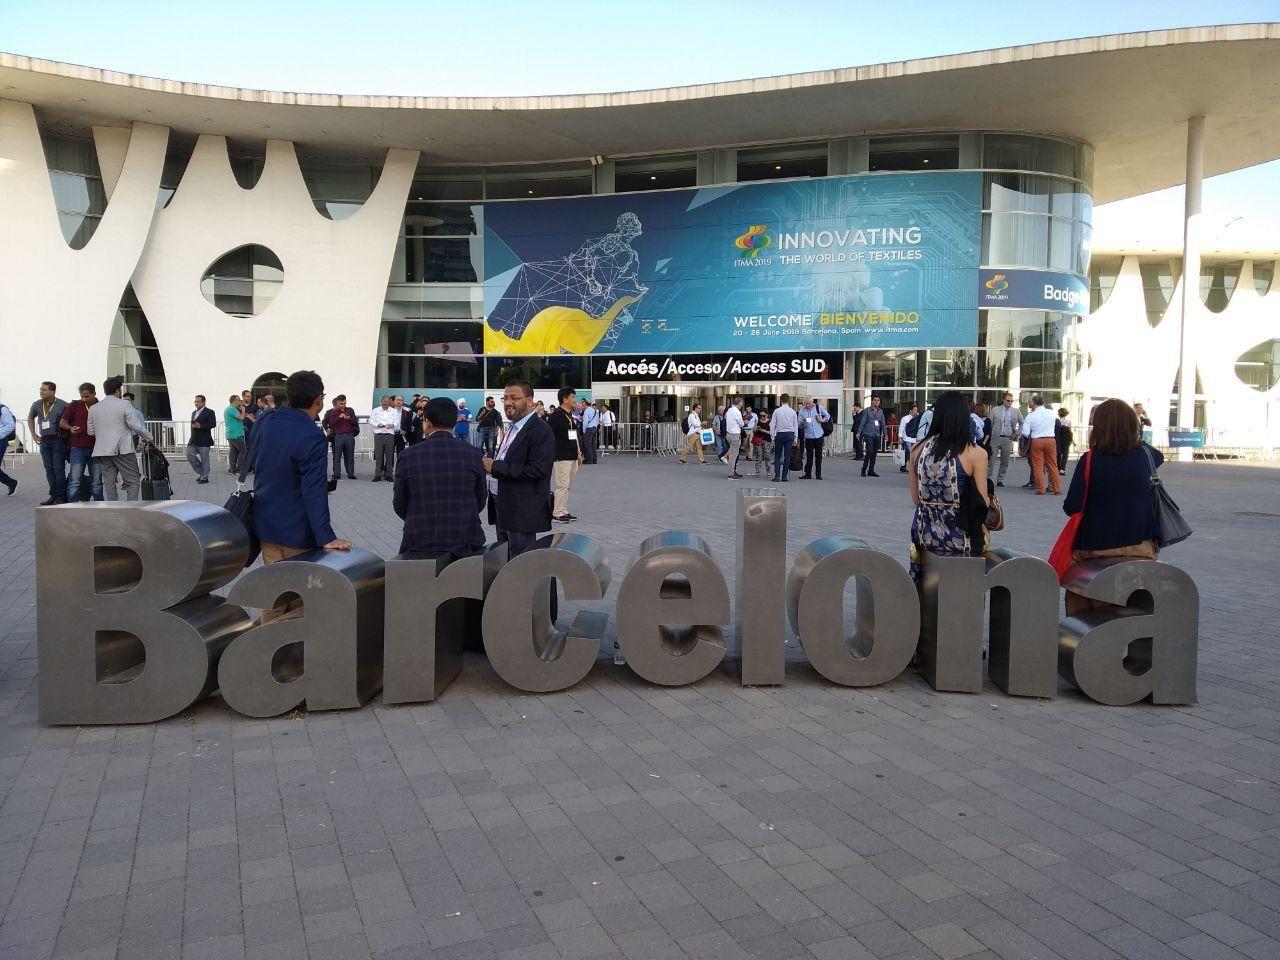 Узбекистан принял участие на Международной выставке оборудования и технологий для текстильной промышленности в Барселоне